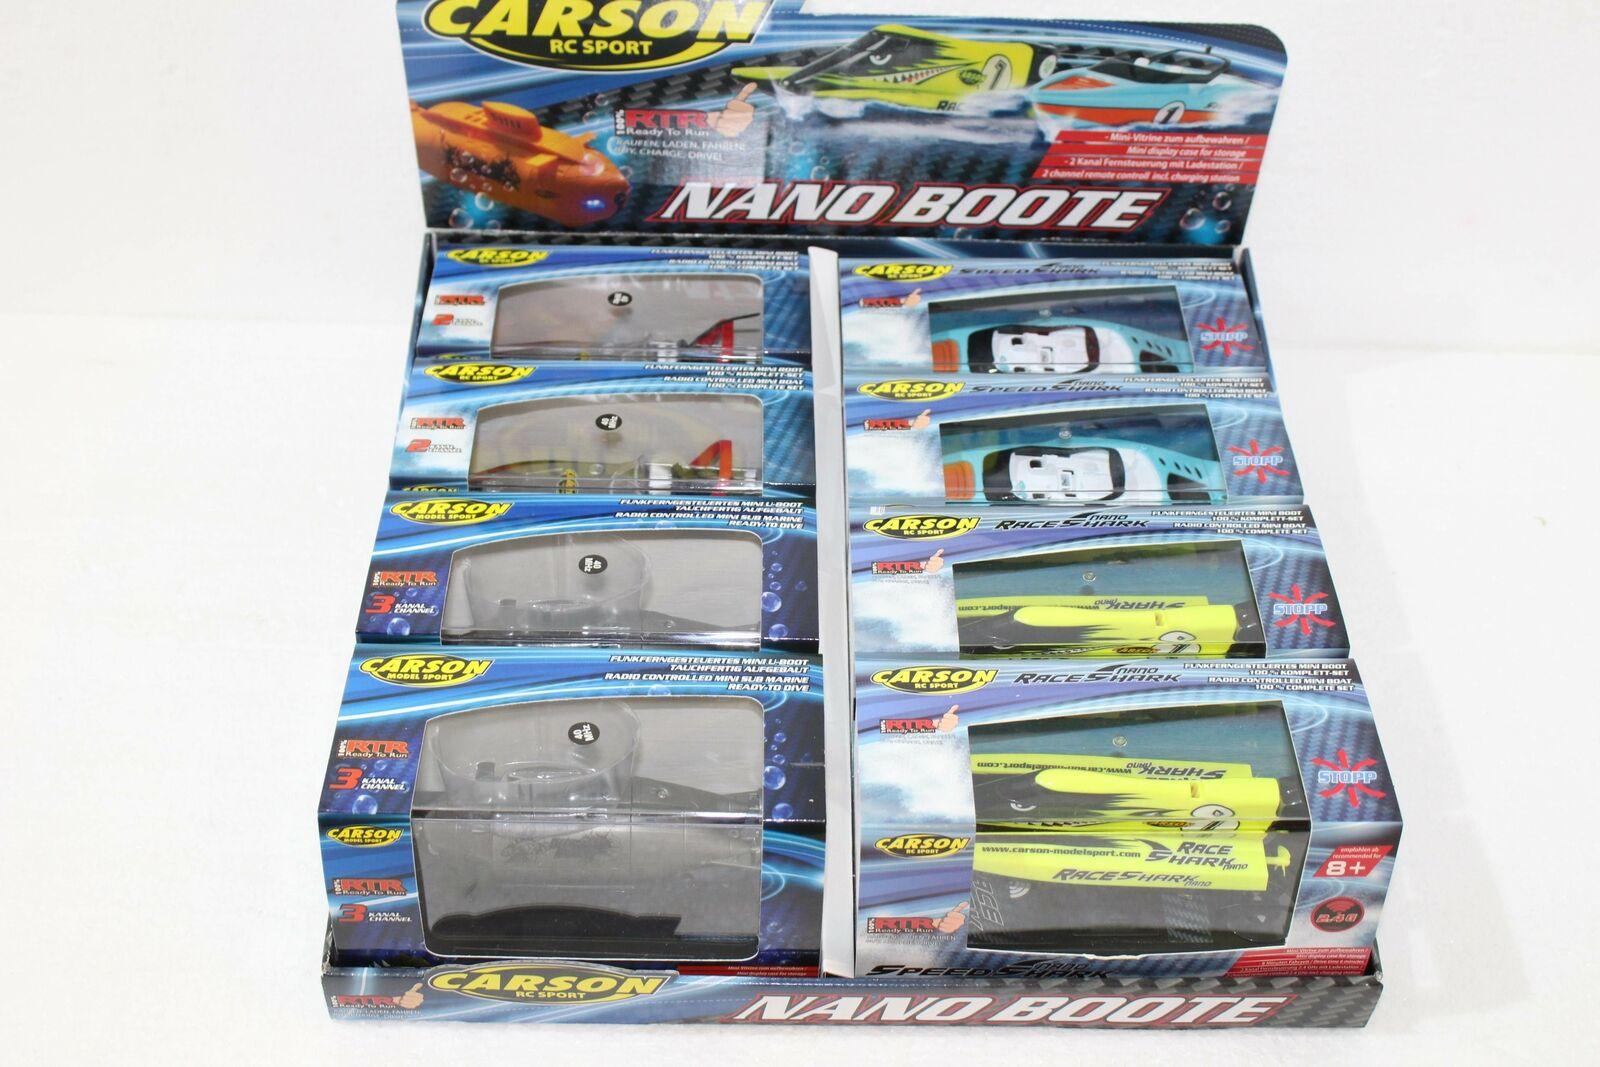 Carson 500709023 nano botes 8er display 4 veces ordena